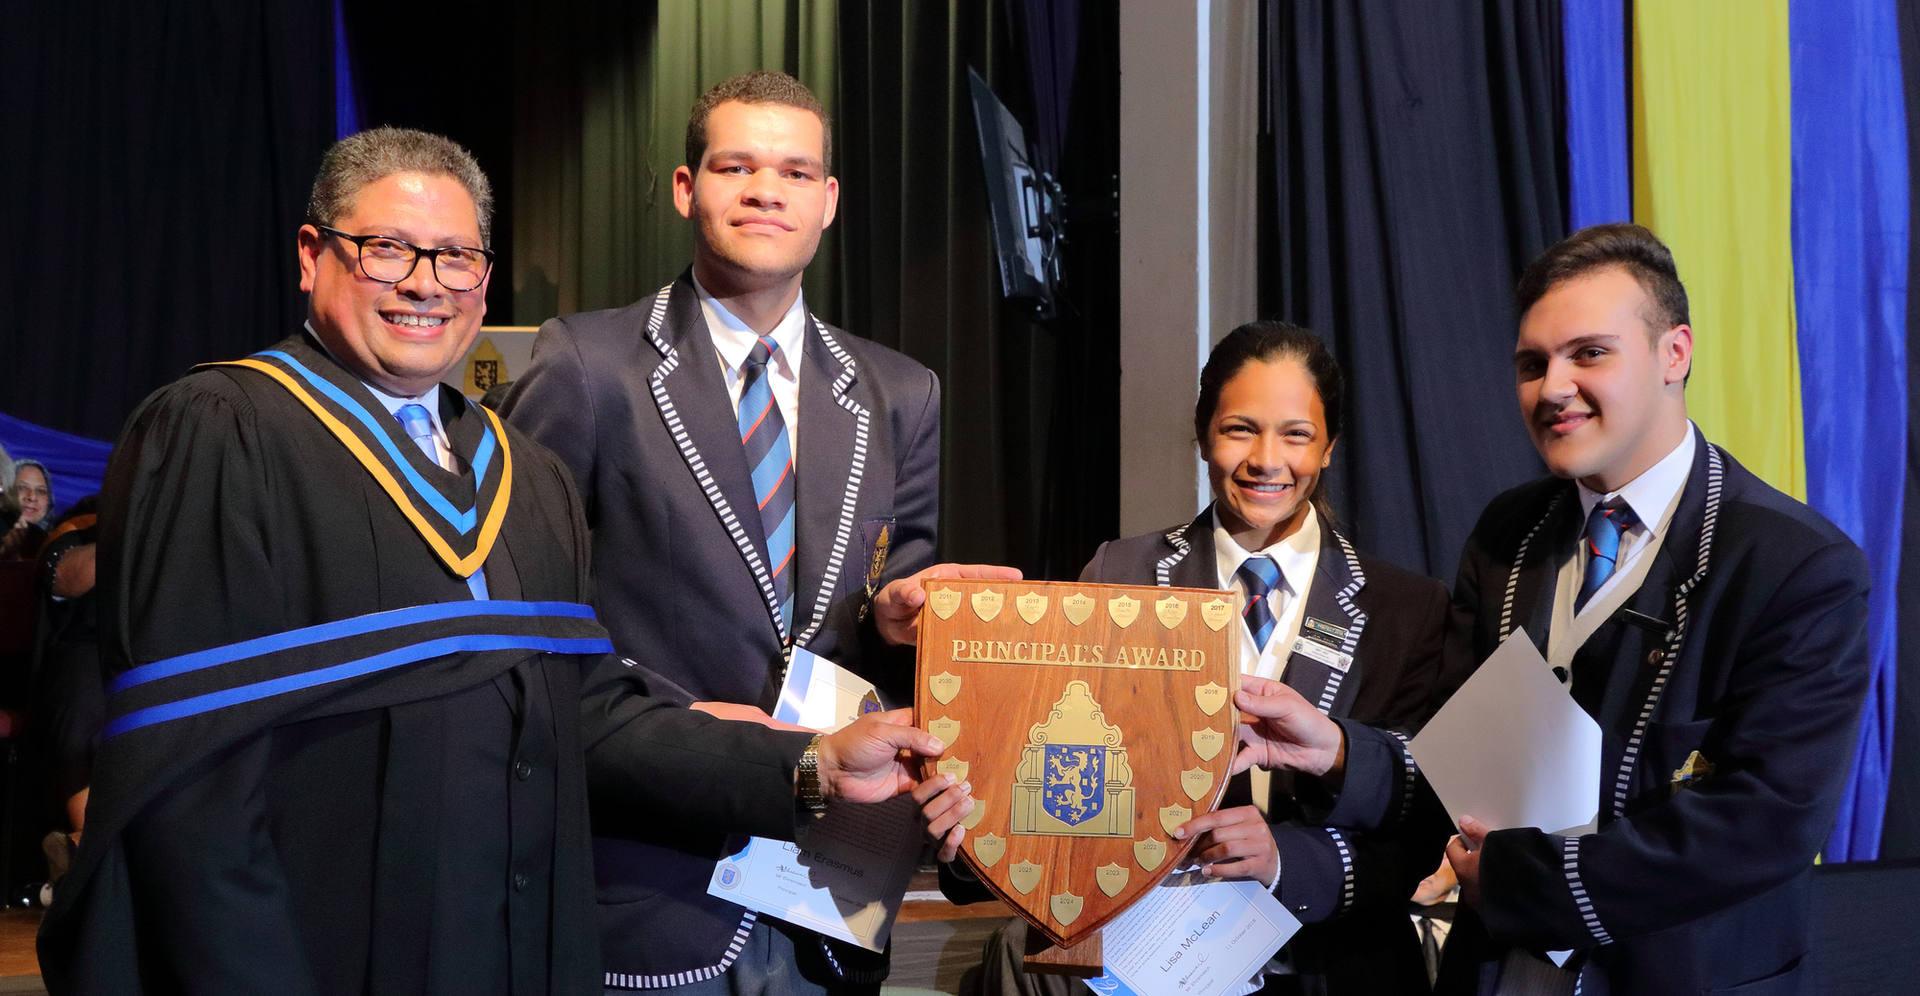 Principal's Award L Erasmus, L Mc Lean a